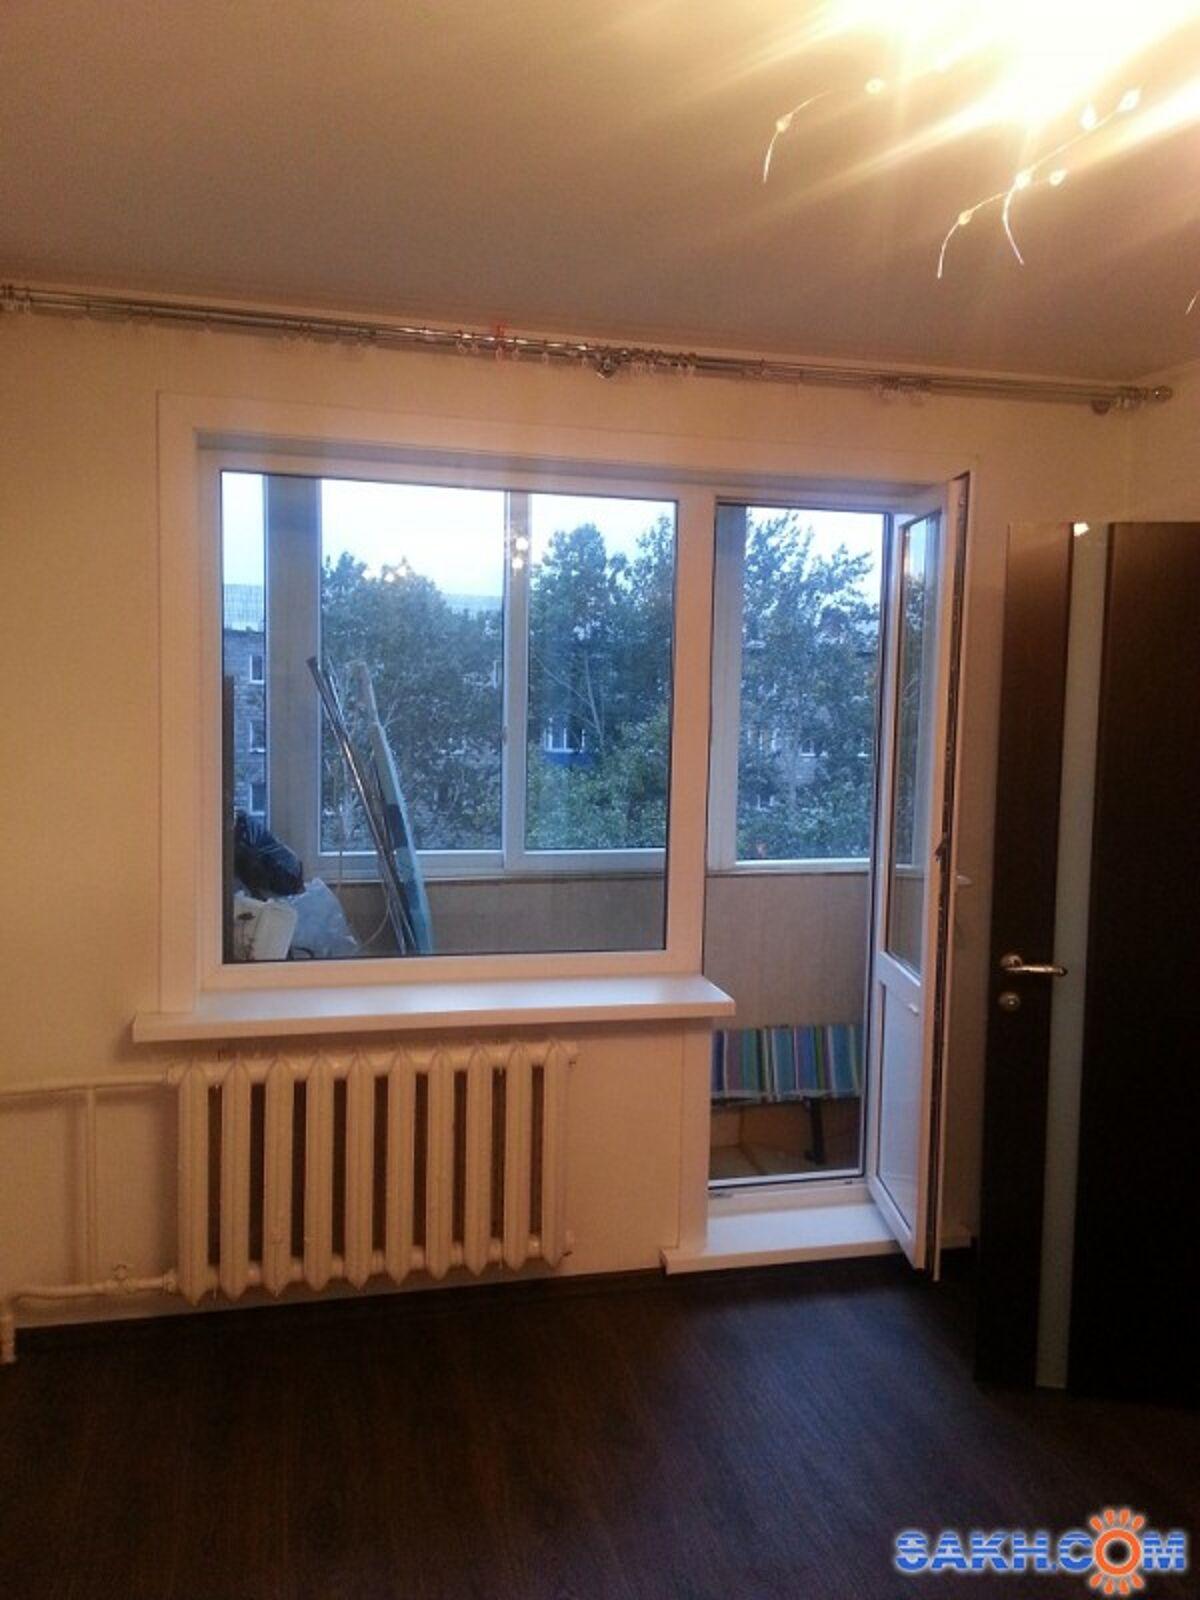 Продам трехкомнатную квартиру, брежневка - недвижимость на с.